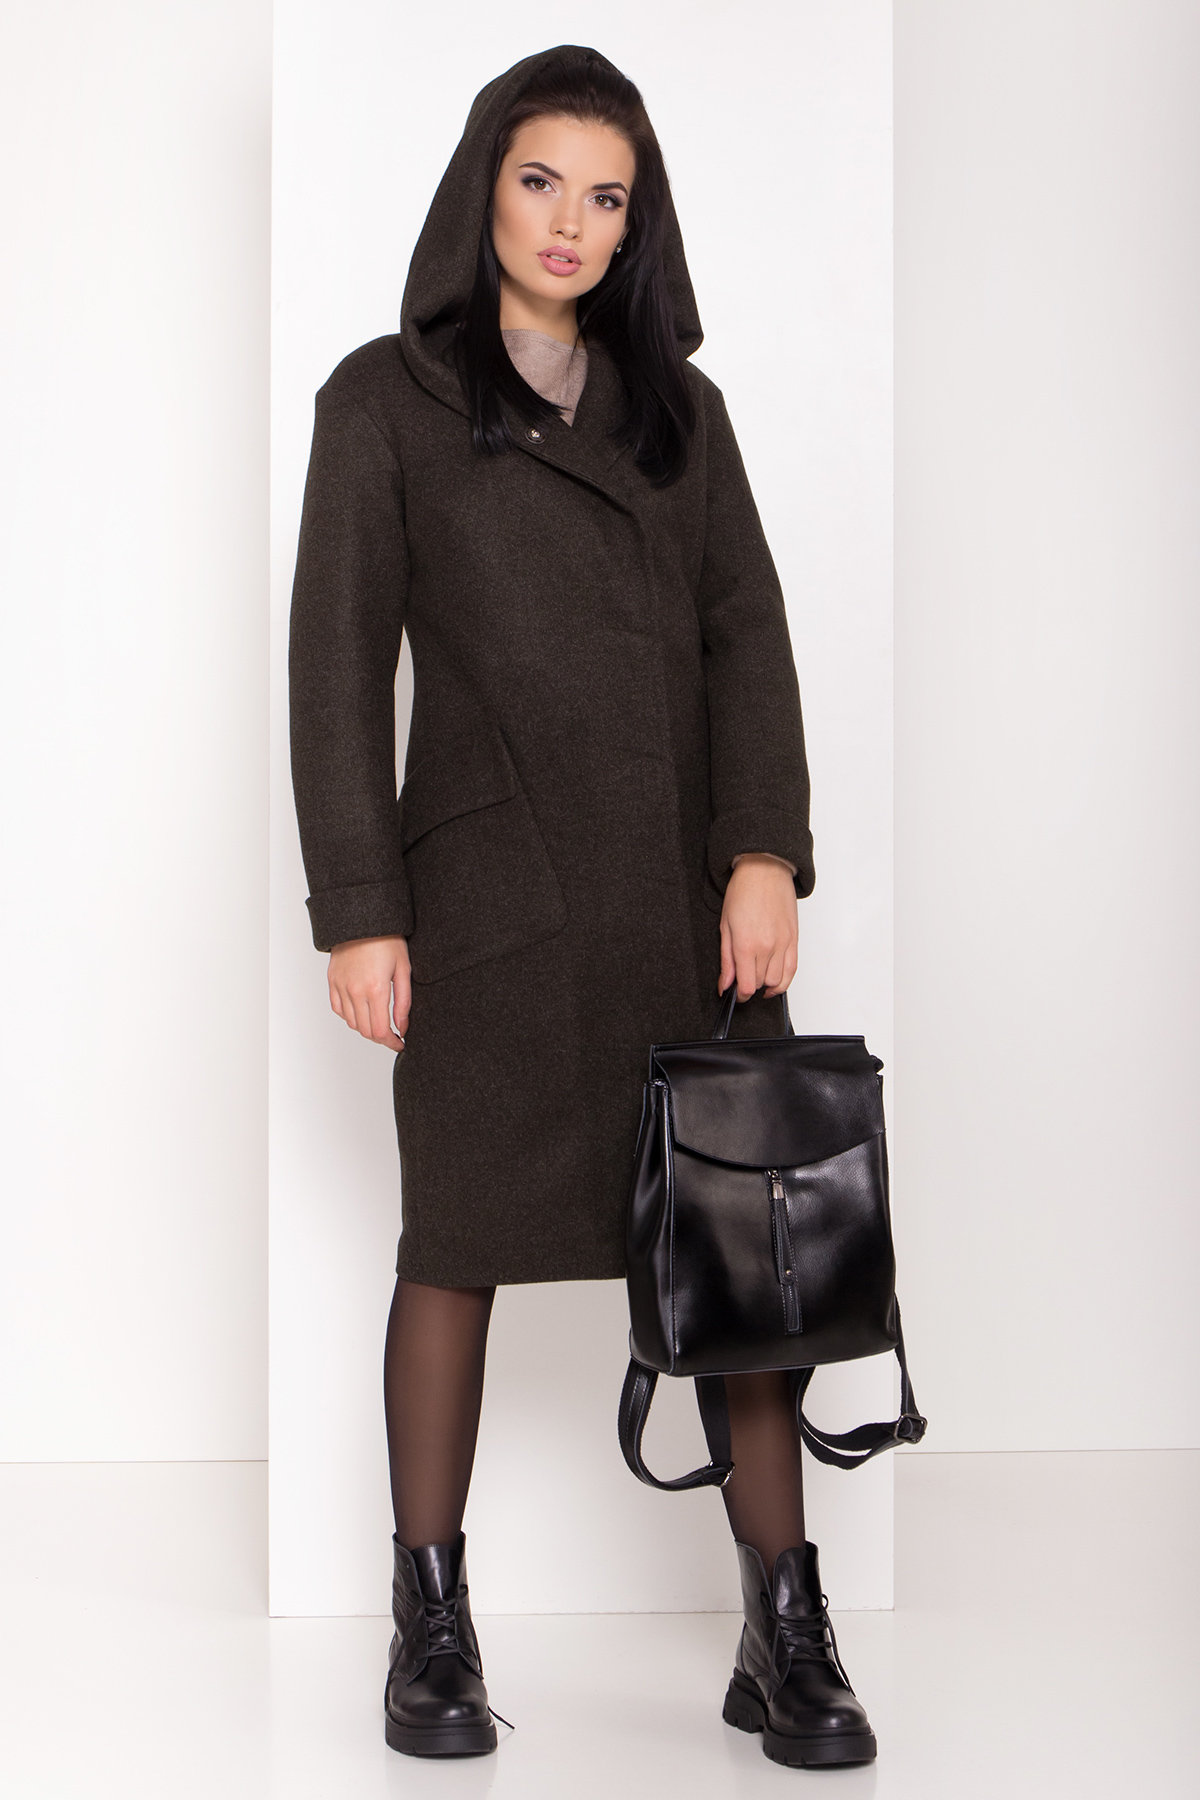 Женское пальто зима с накладными карманами Анджи 8299 АРТ. 44424 Цвет: Хаки - фото 2, интернет магазин tm-modus.ru